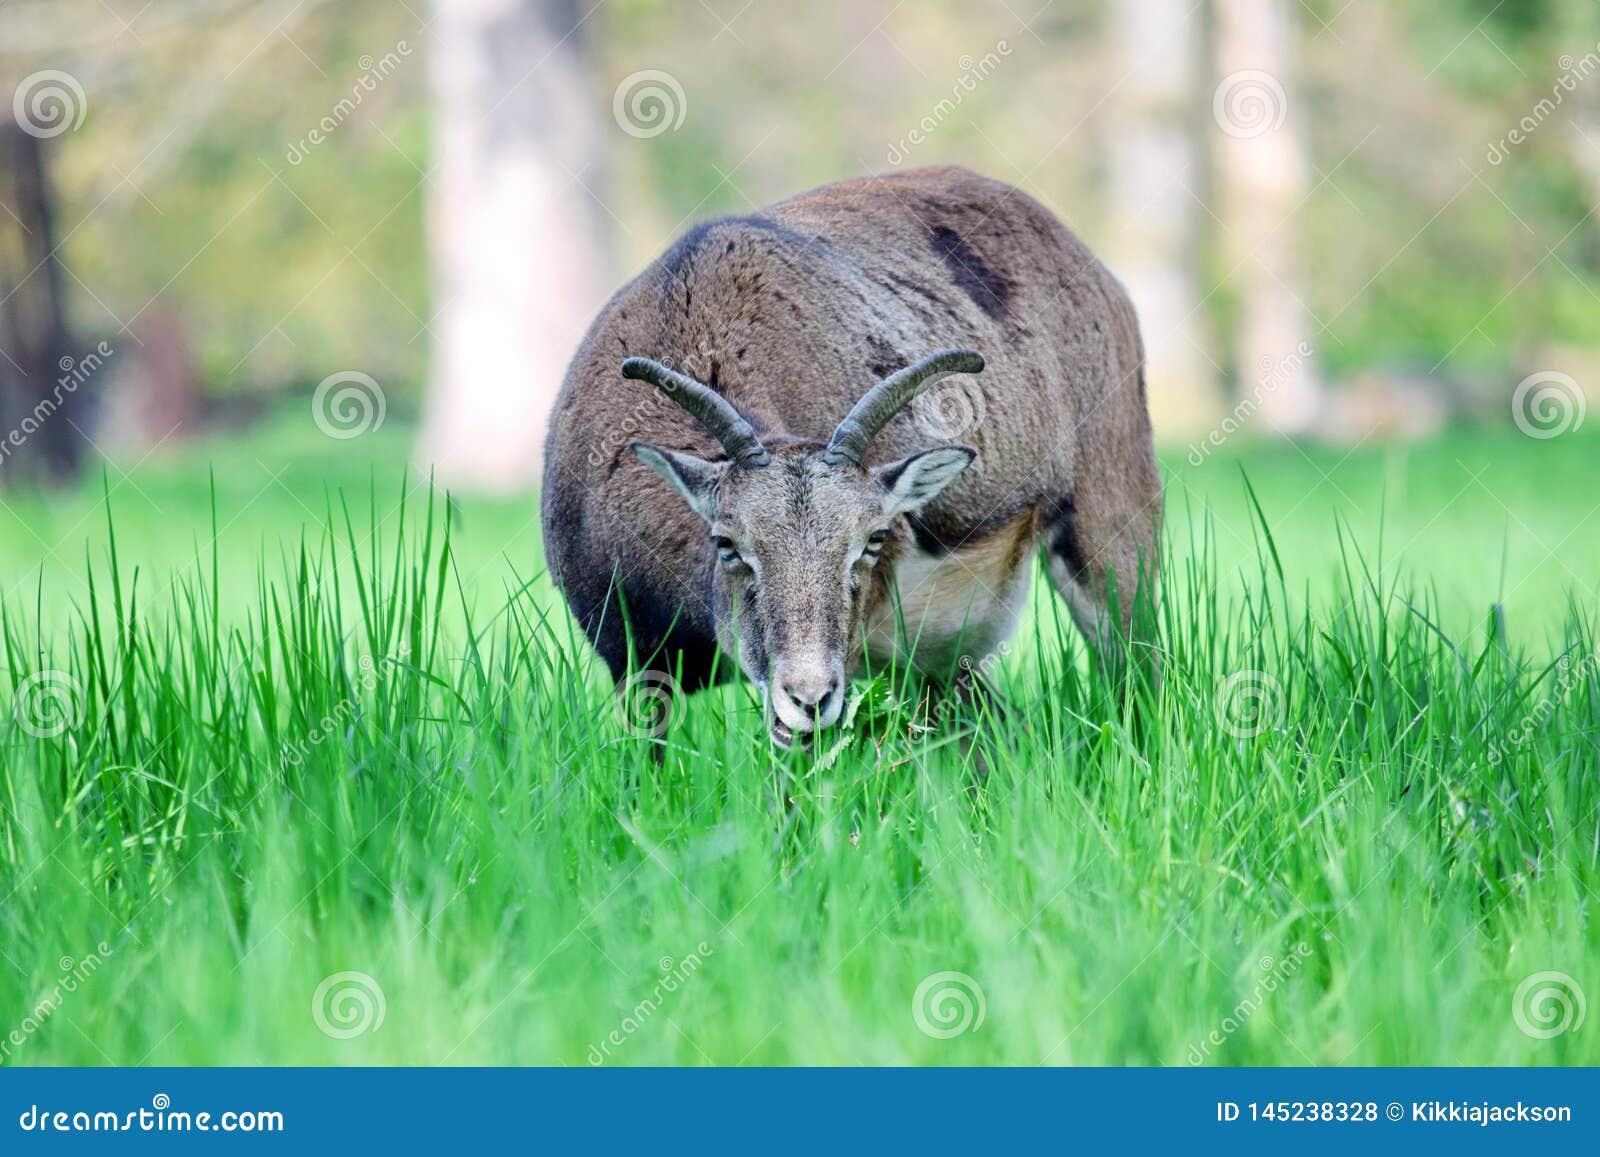 Mouflon羊属白羊星座吃草特写镜头的Musimon